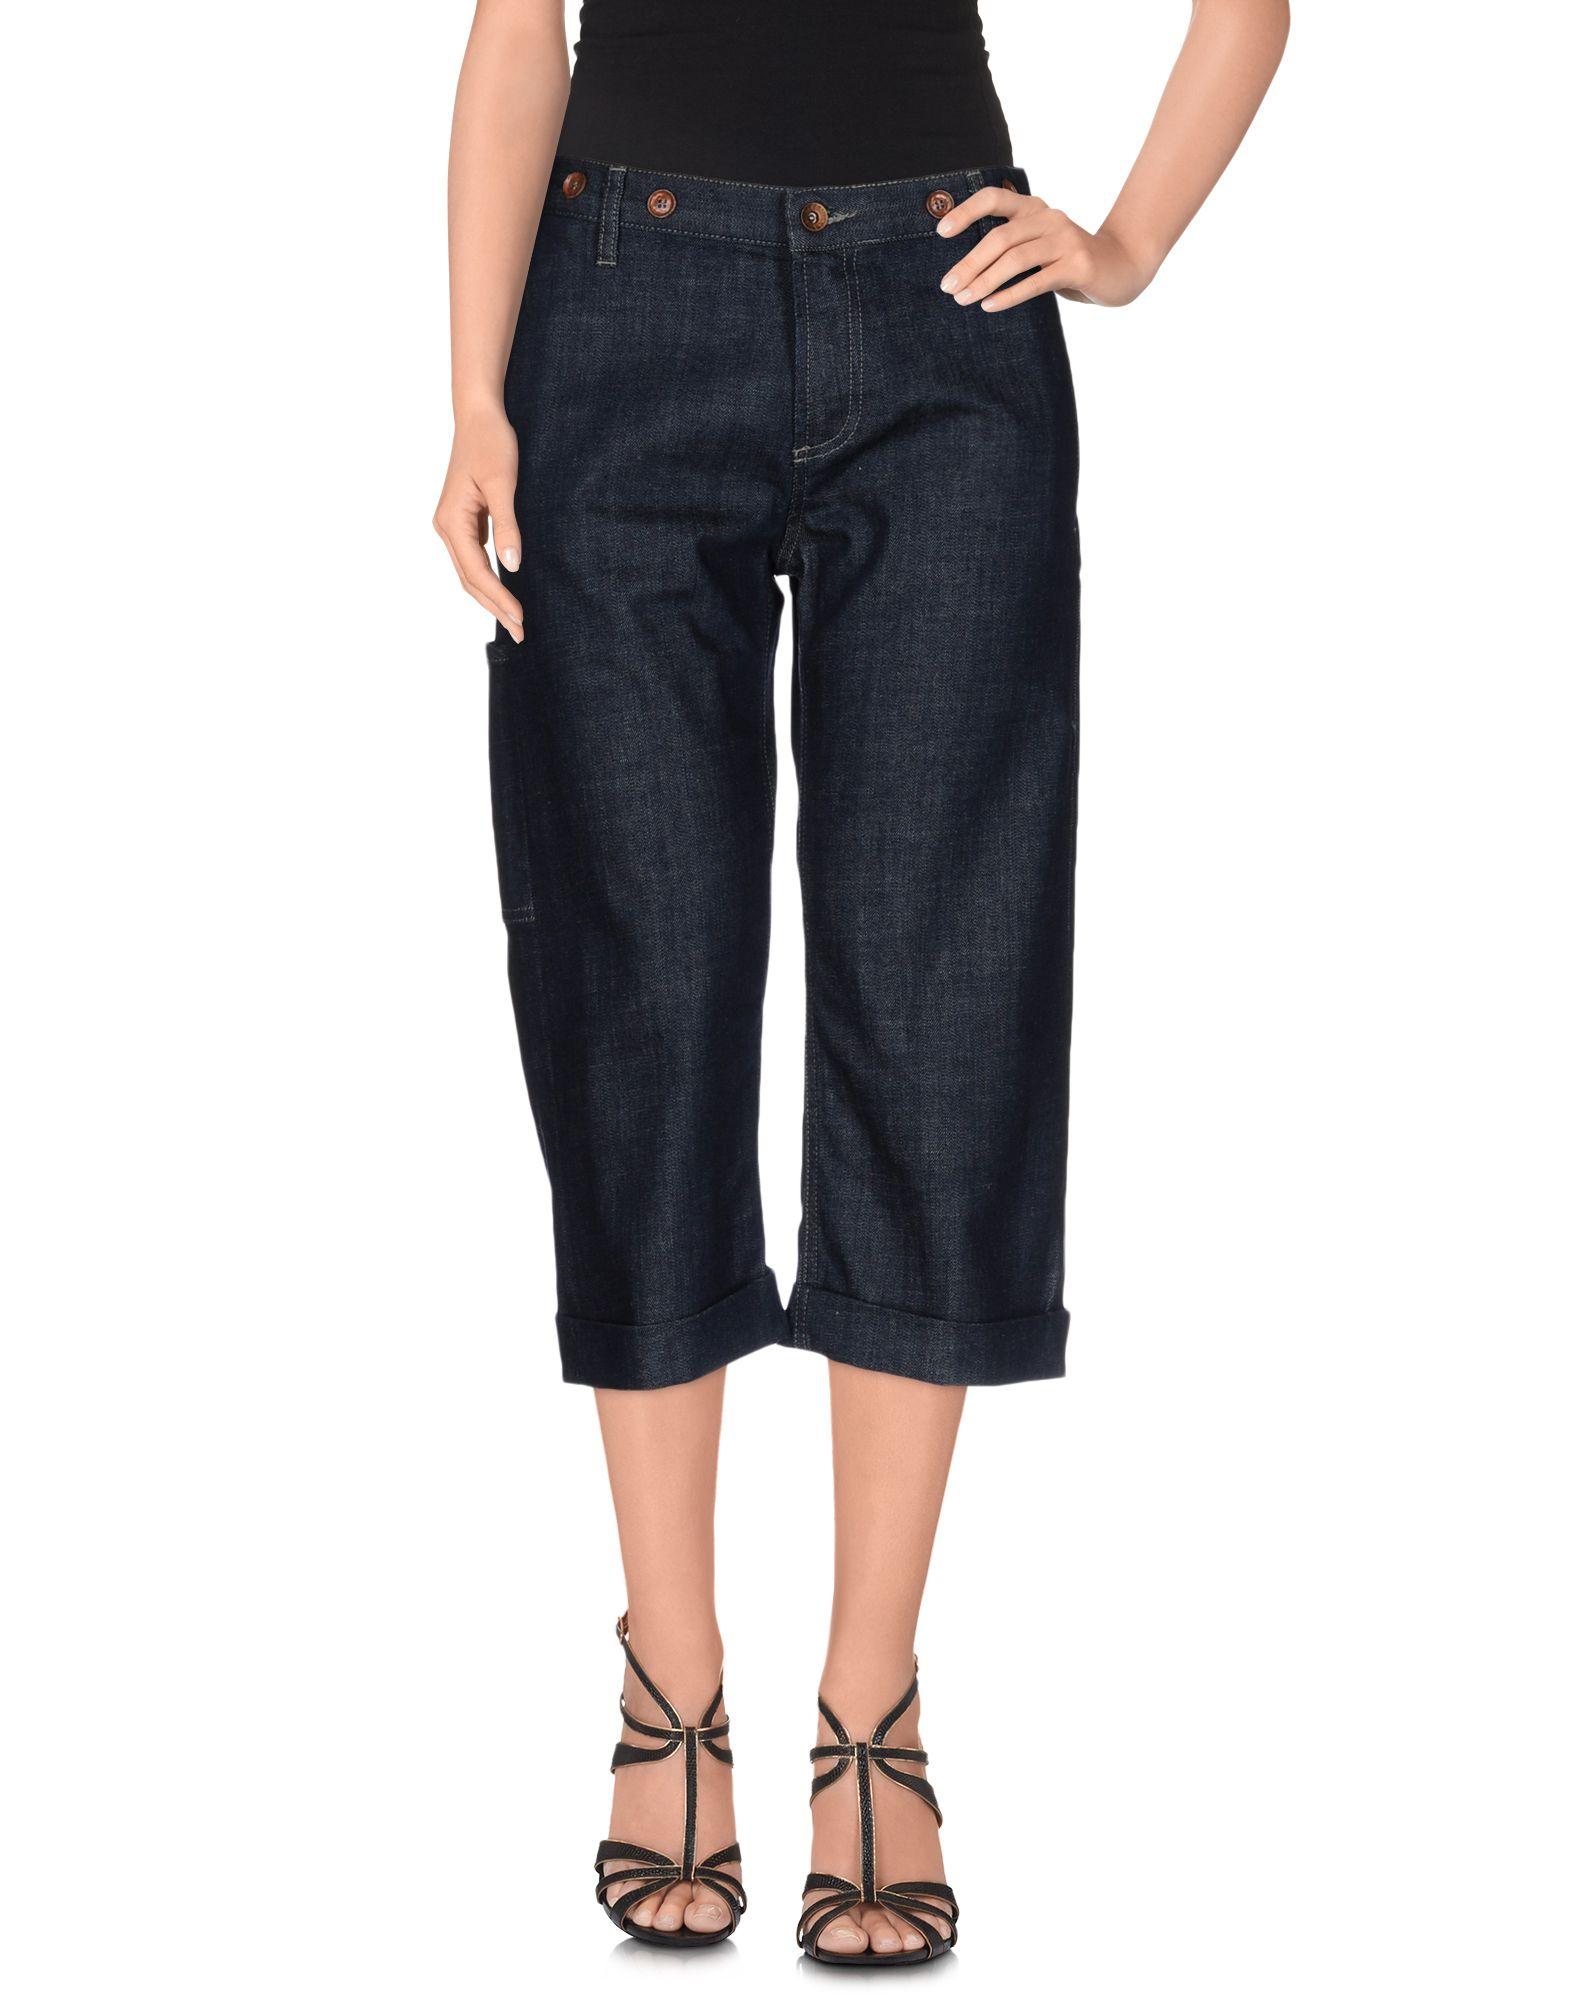 Pantaloni Jeans Smith's American damen - 42471226 D